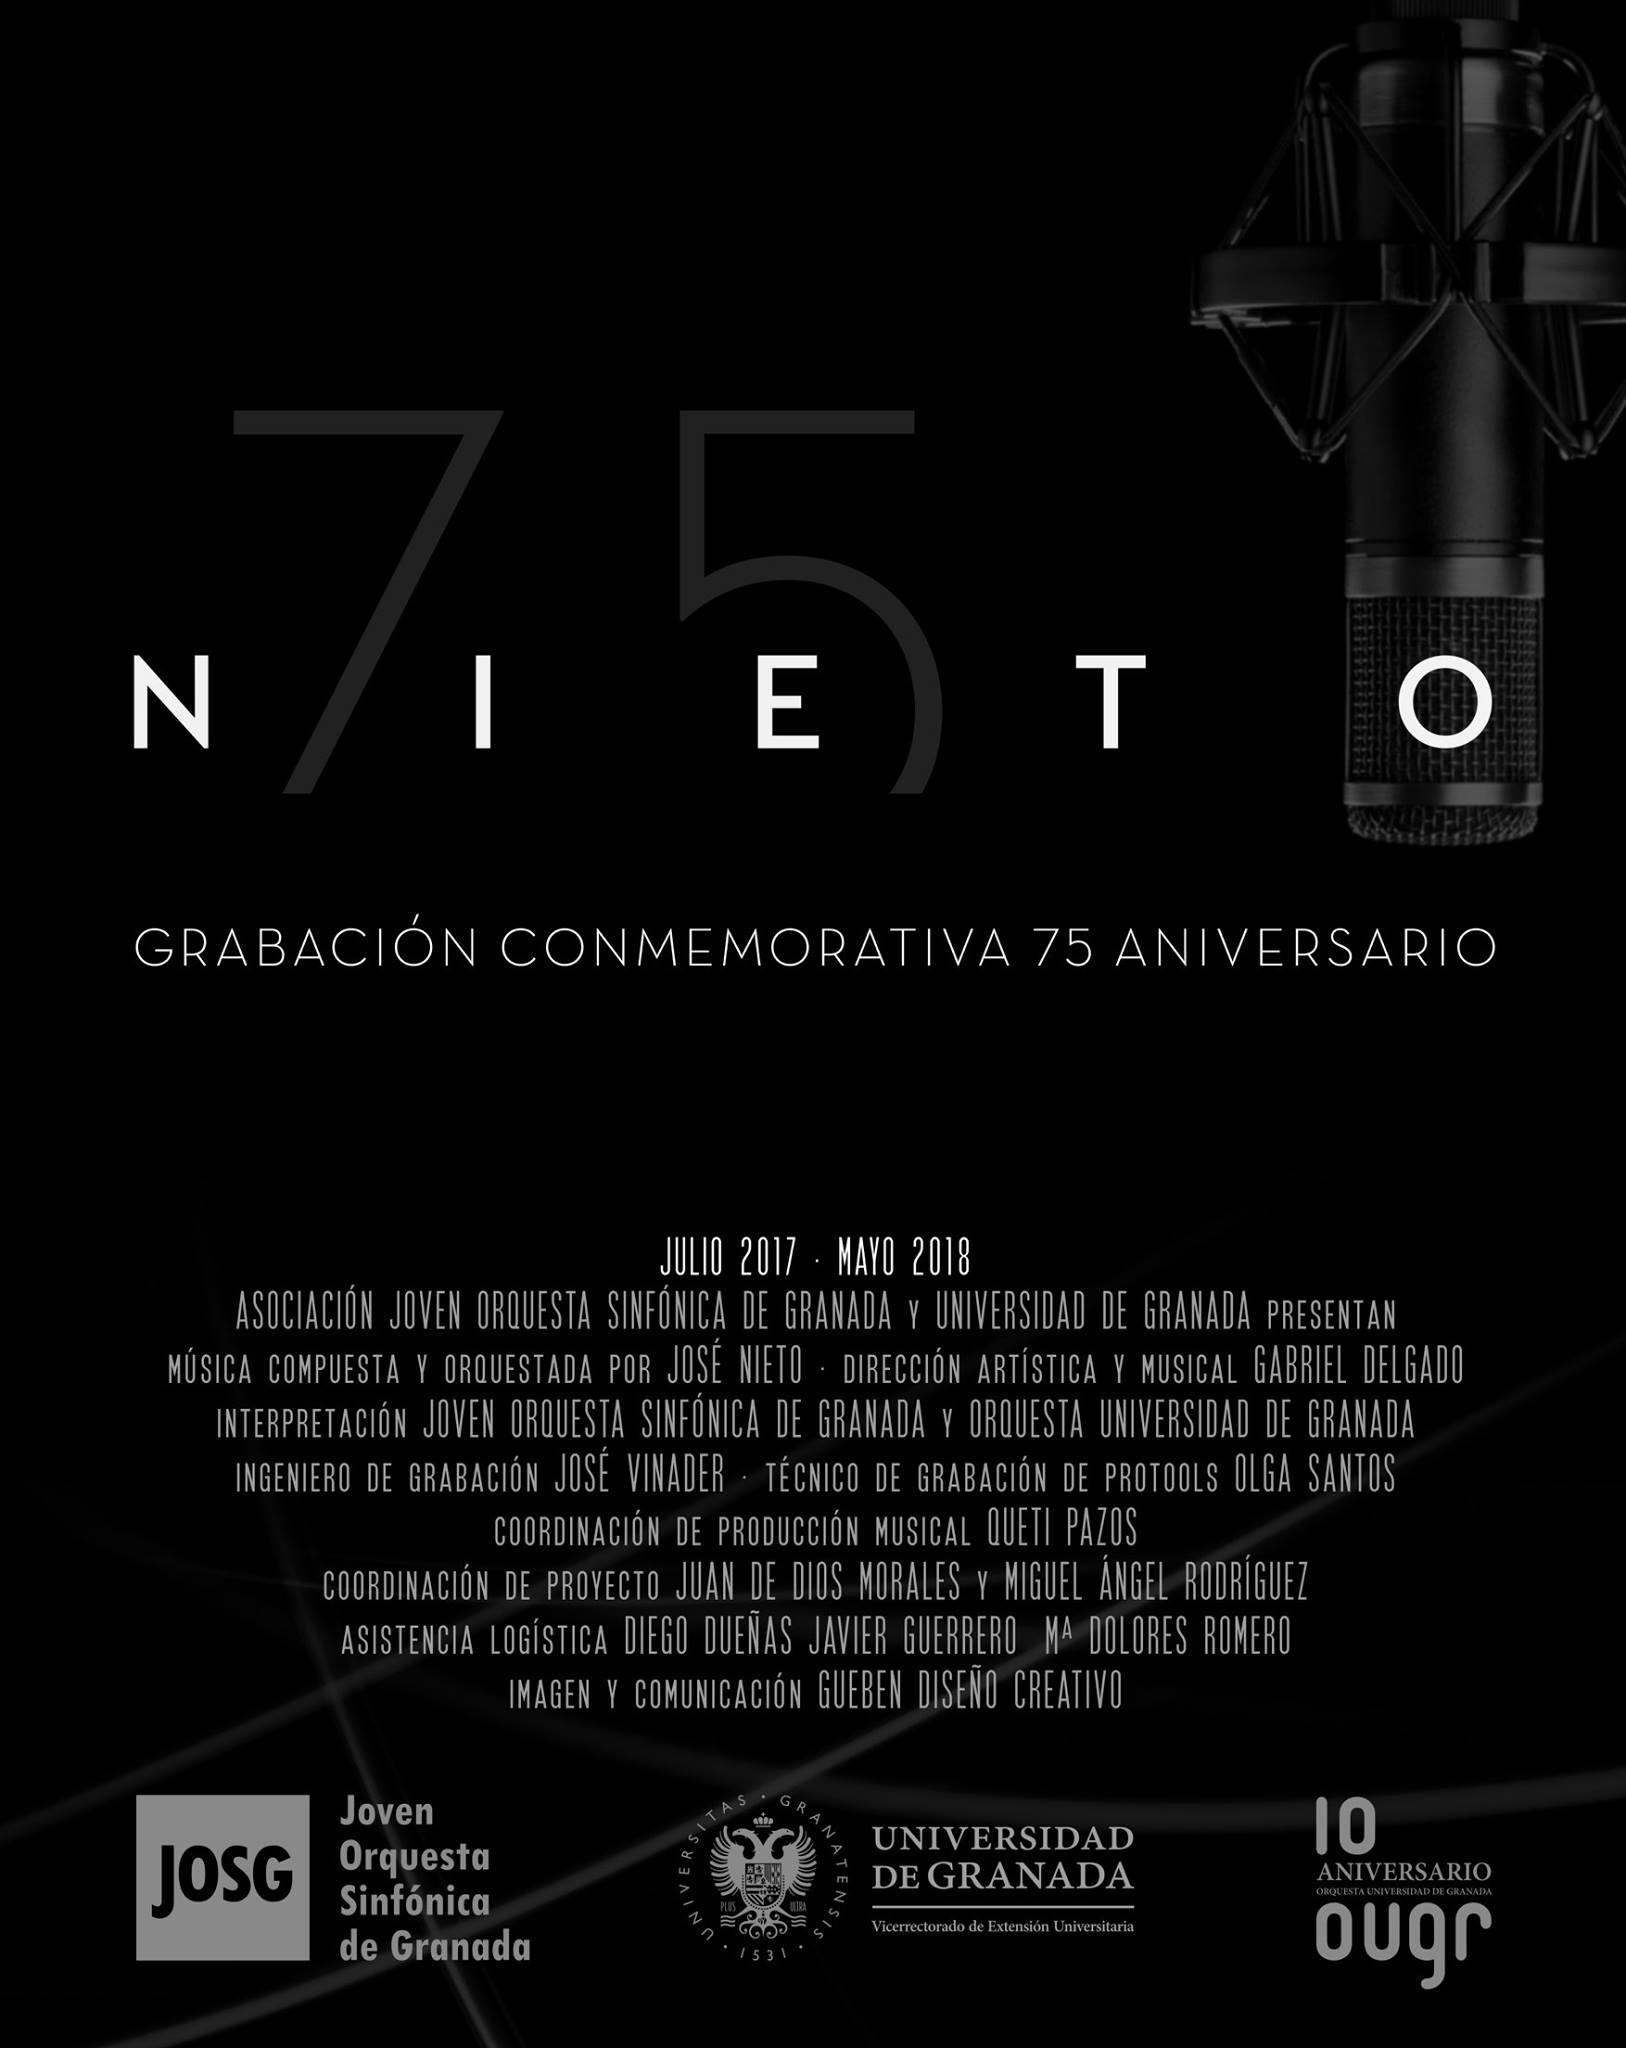 José Nieto grabará un CD conmemorativo